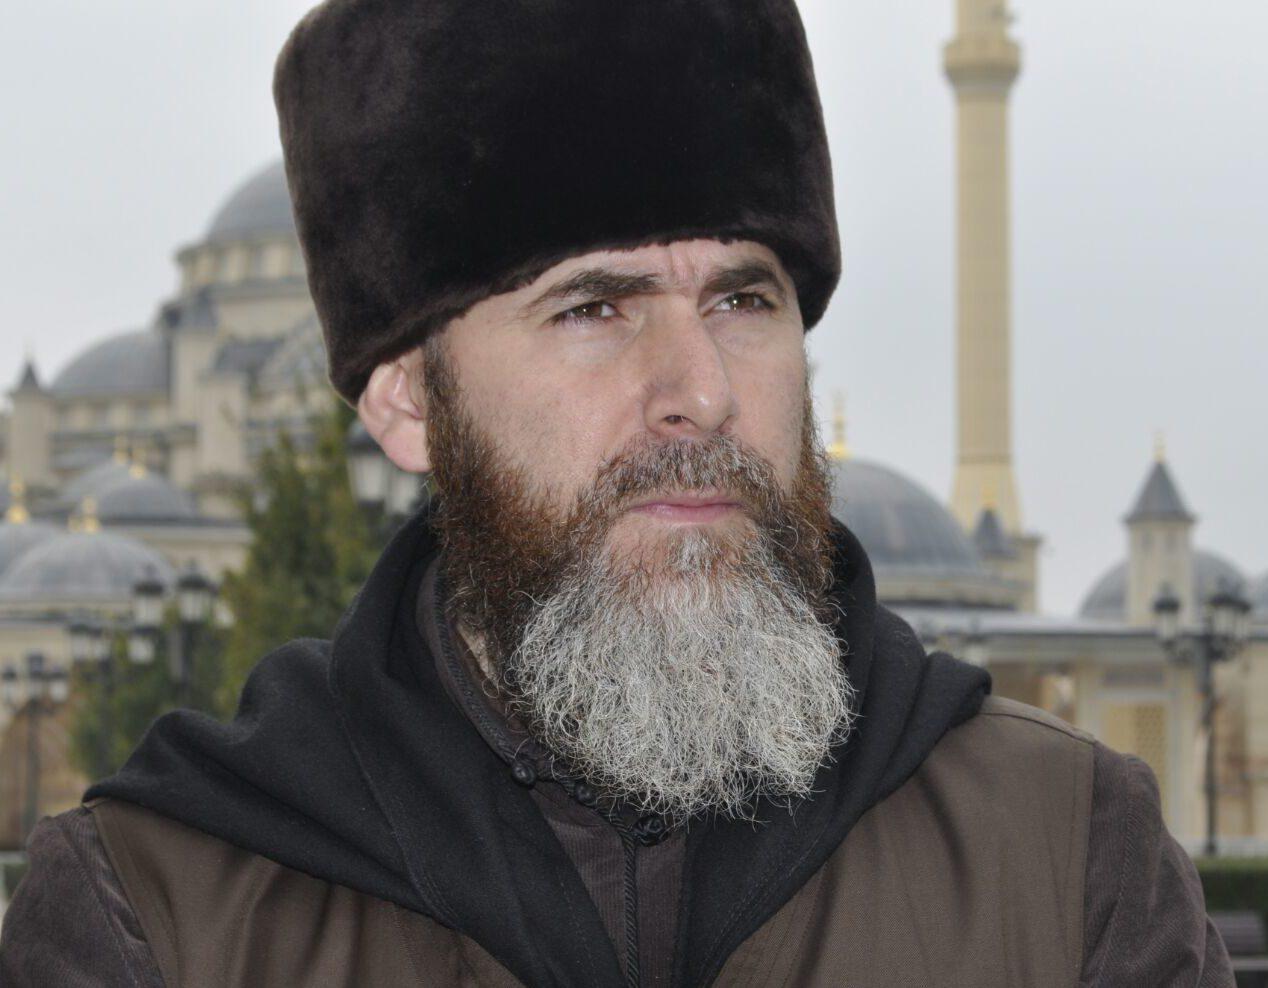 Муфтий Чечни закрыл республику для шиизма и ваххабизма (ВИДЕО)